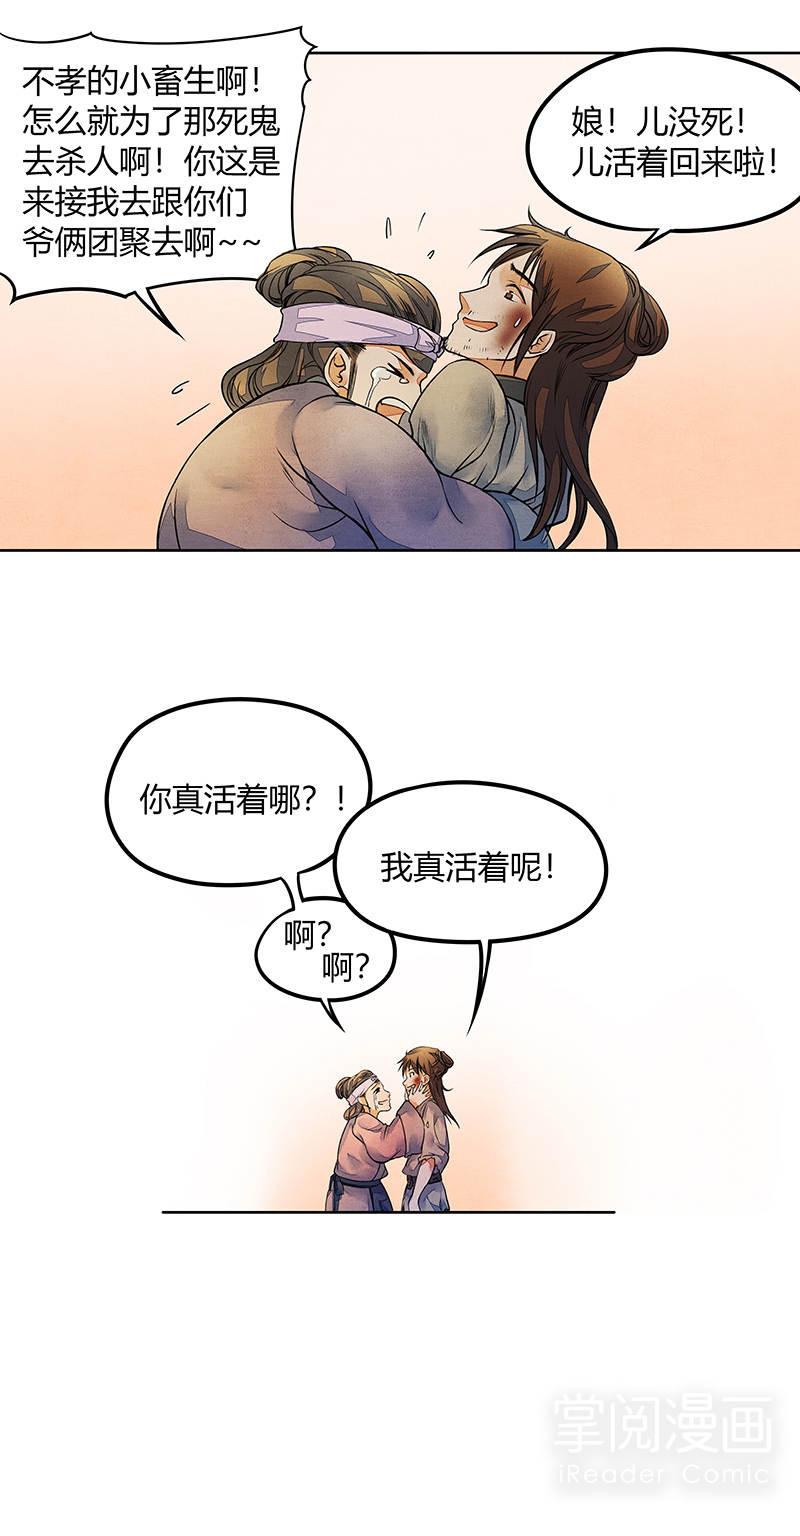 逍遥游第9话  邻家有女妙吉祥 第 9